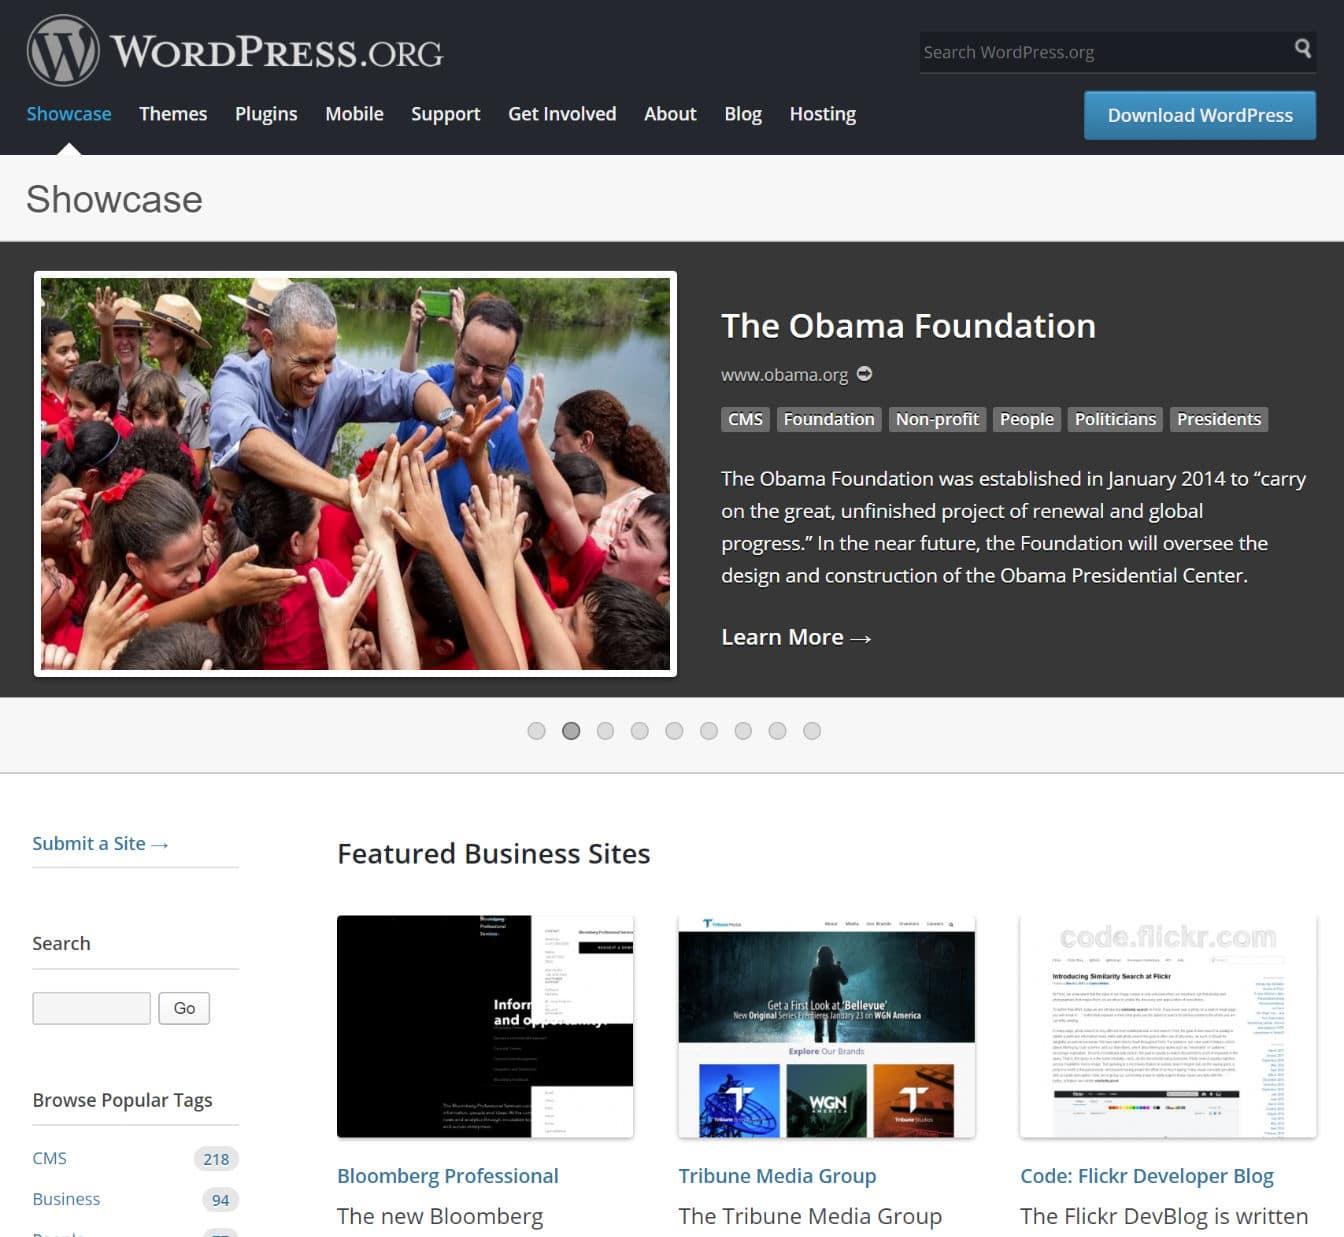 WordPressを使用しているウェブサイト